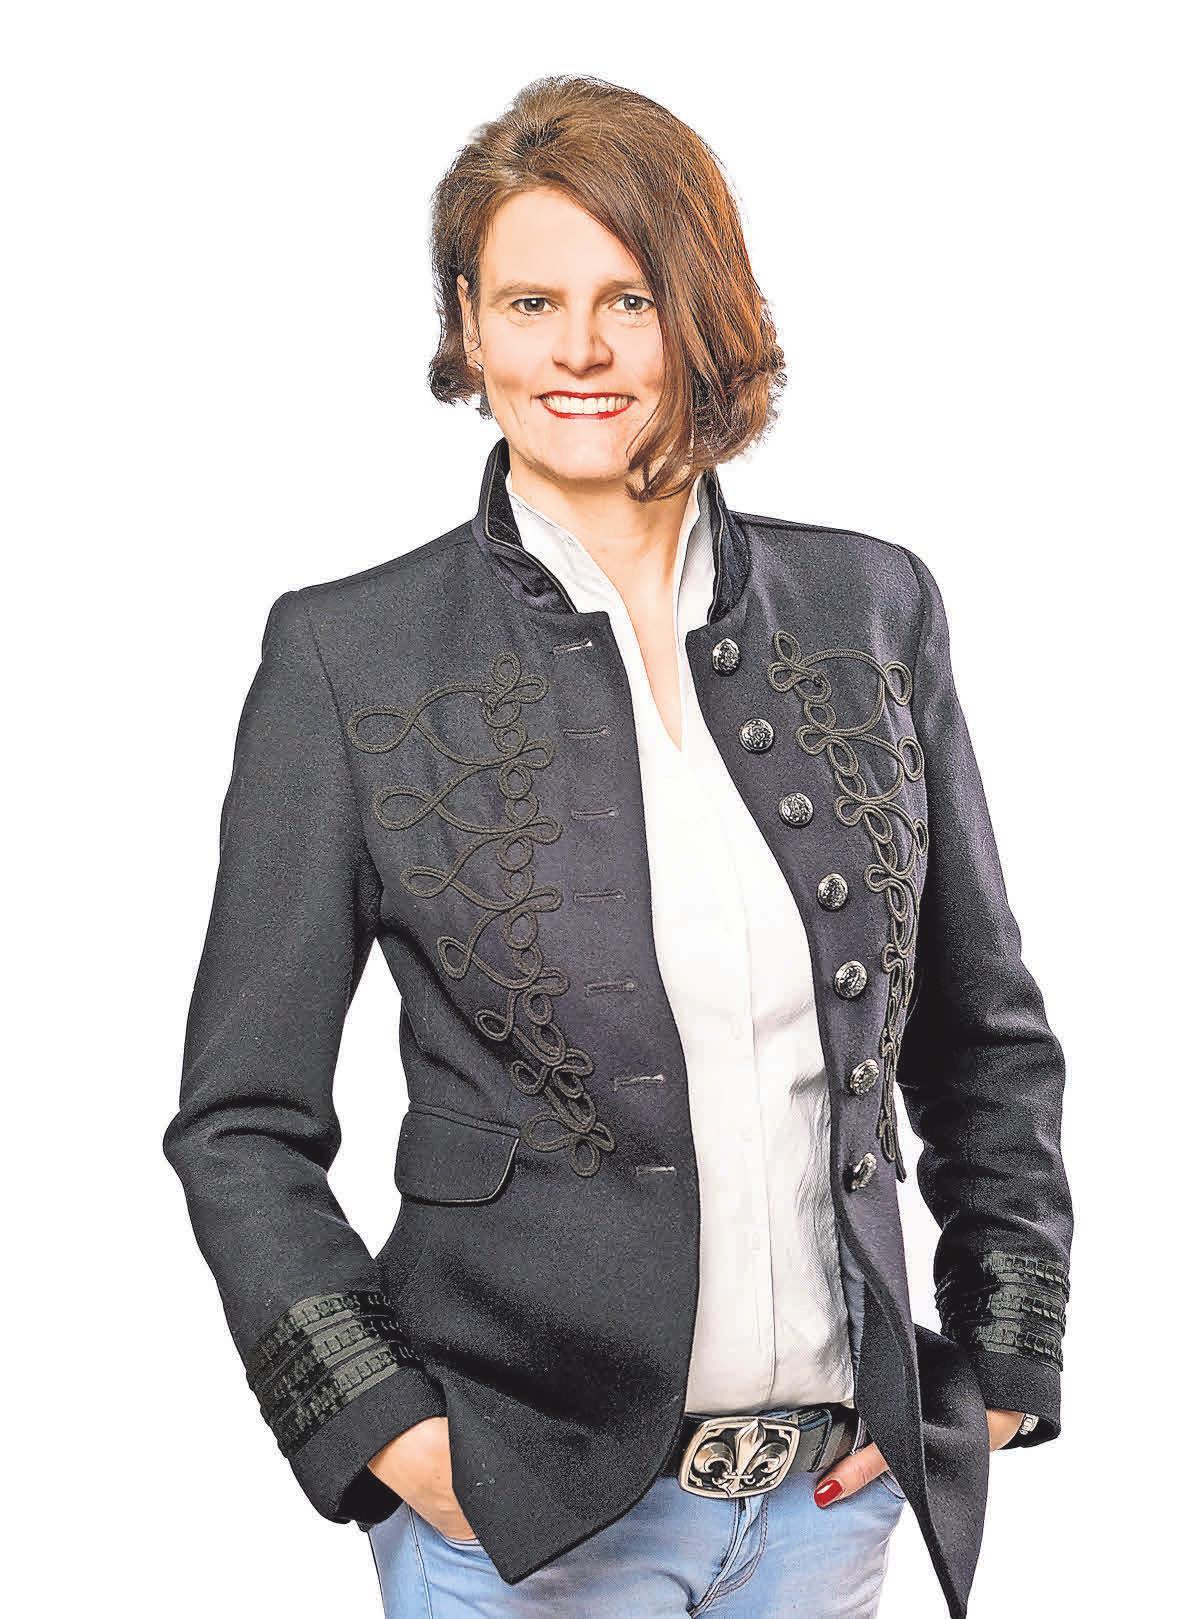 (6) Geschäftsführerin Marena Heuer ist die Enkelin des Gründers und nach ihrer Mutter Brigitte weibliche Führungskraft in zweiter Generation.